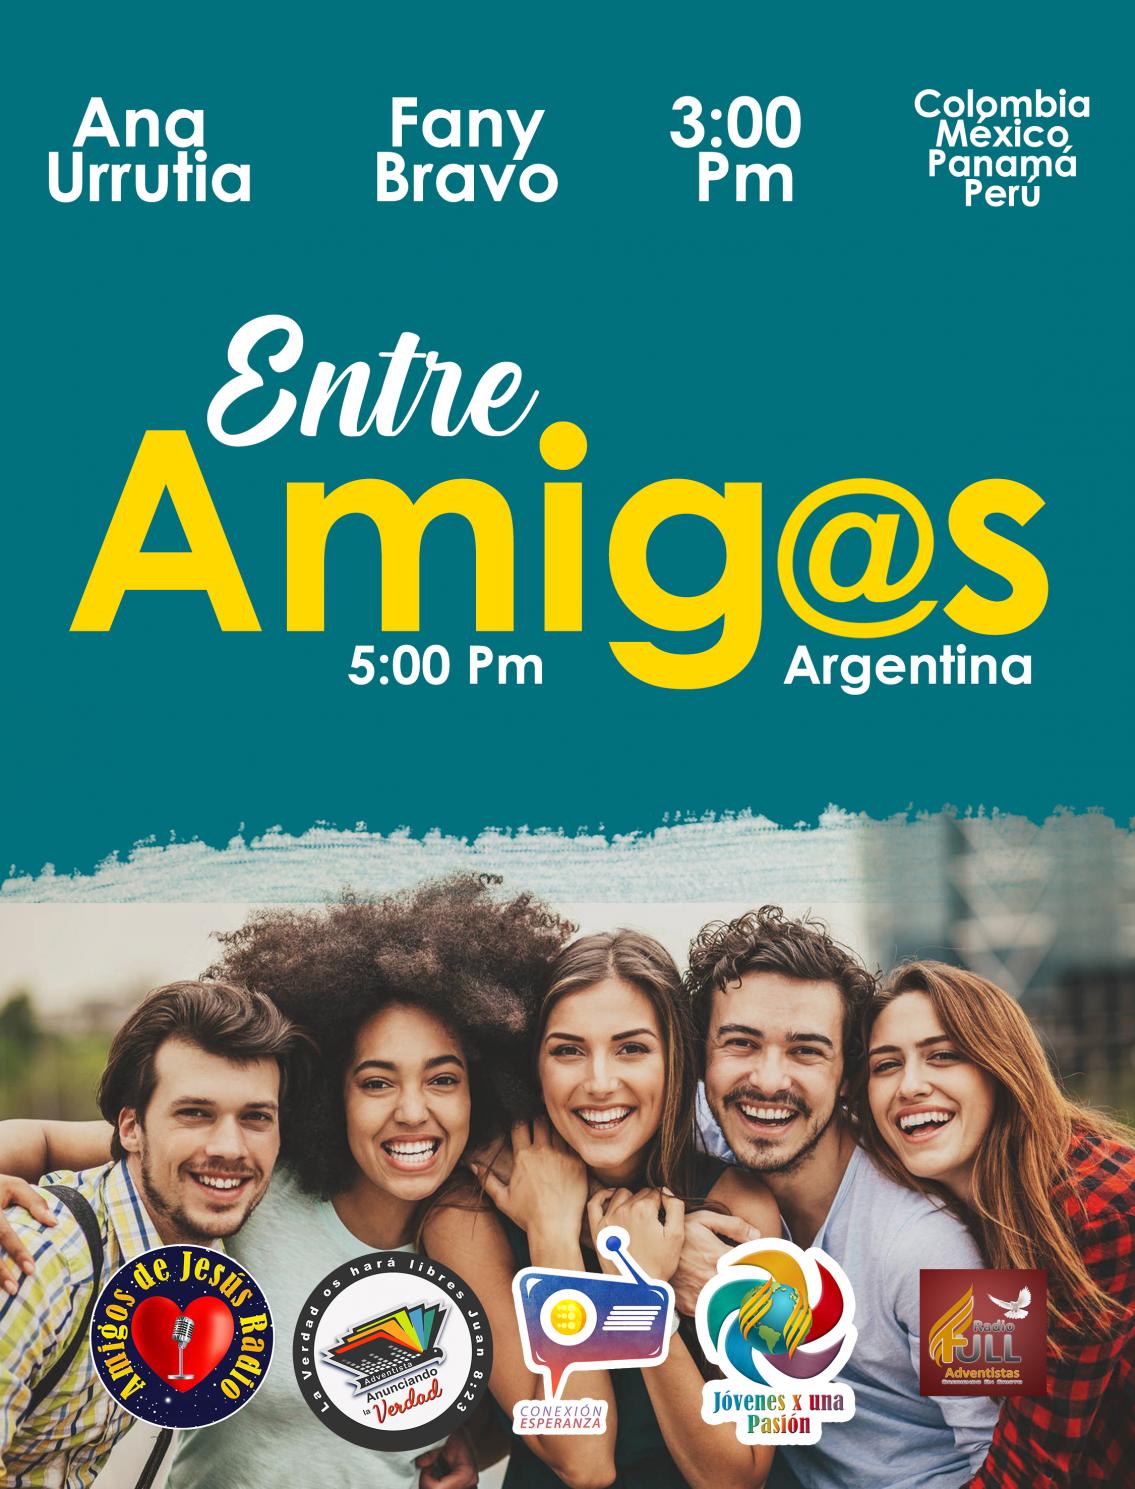 ENTRE AMIGOS- FANNY2